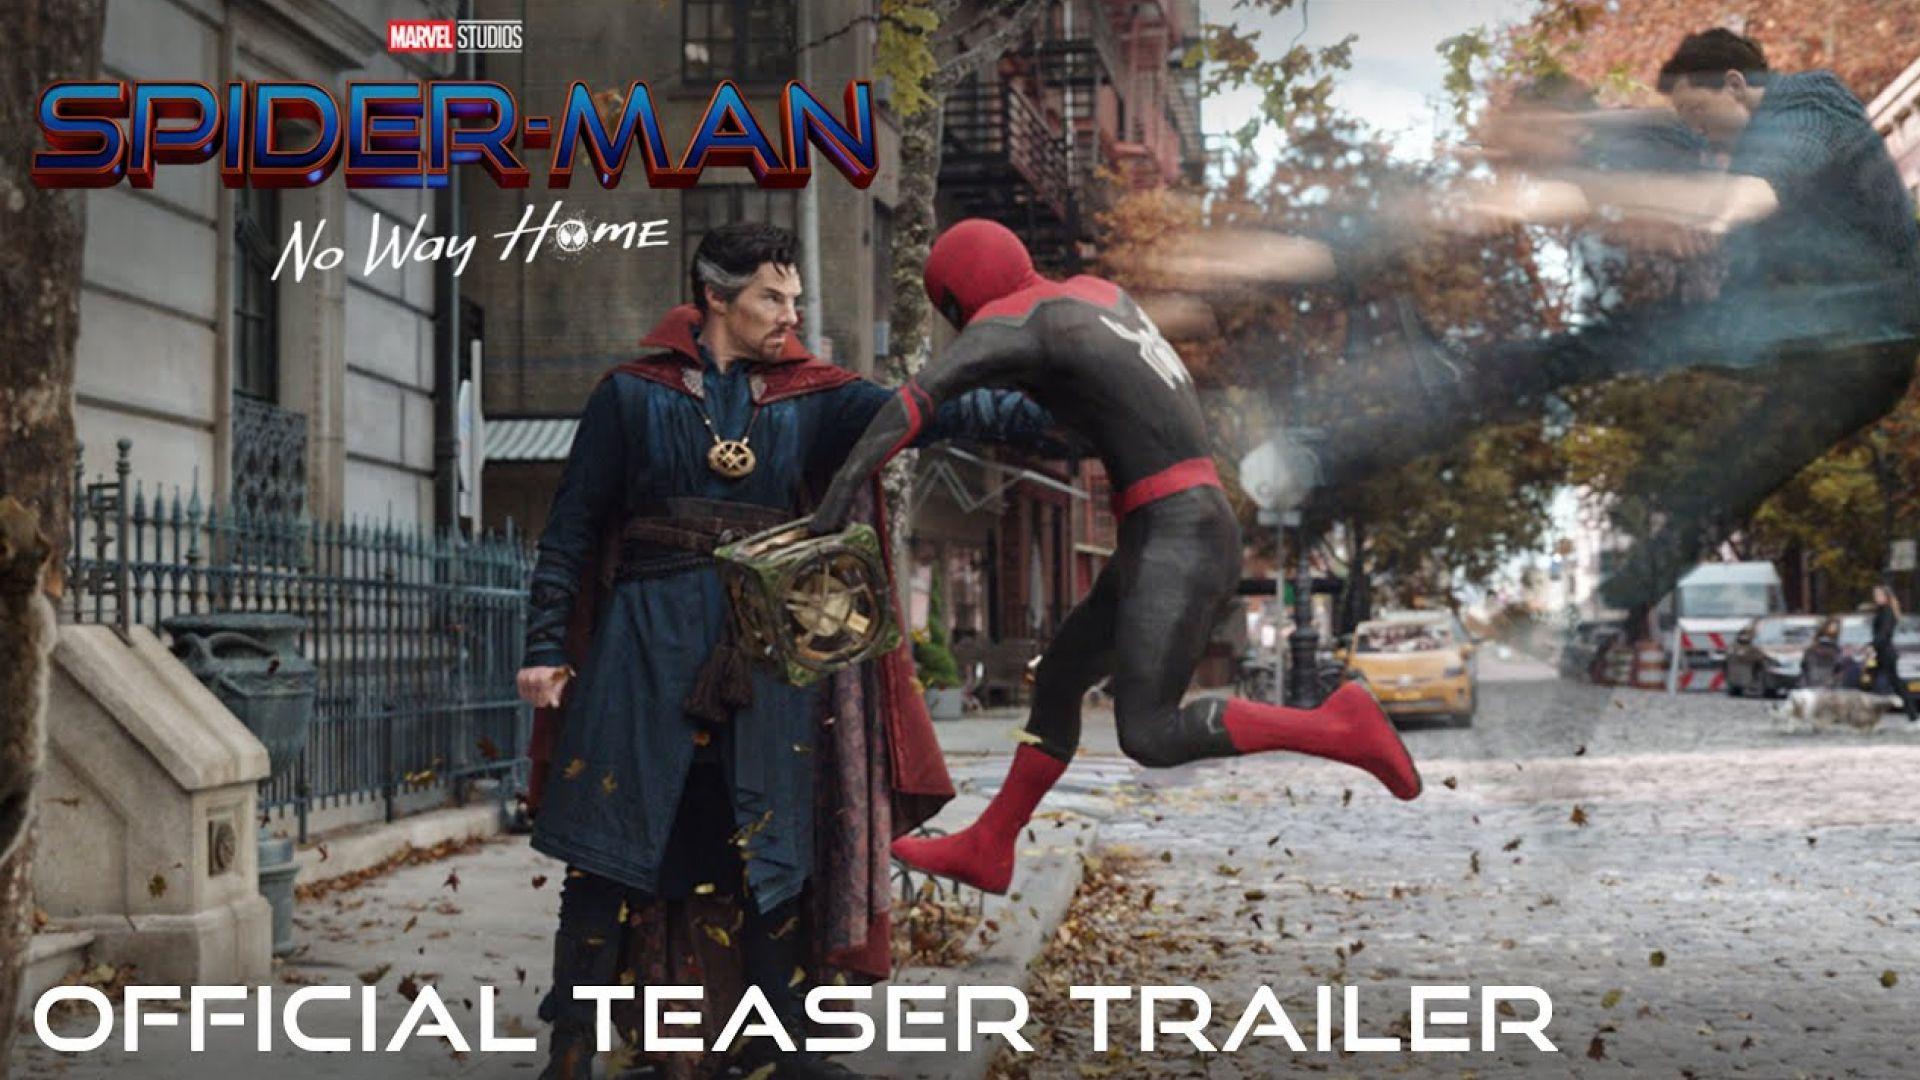 'Spider-Man: No Way Home' Teaser